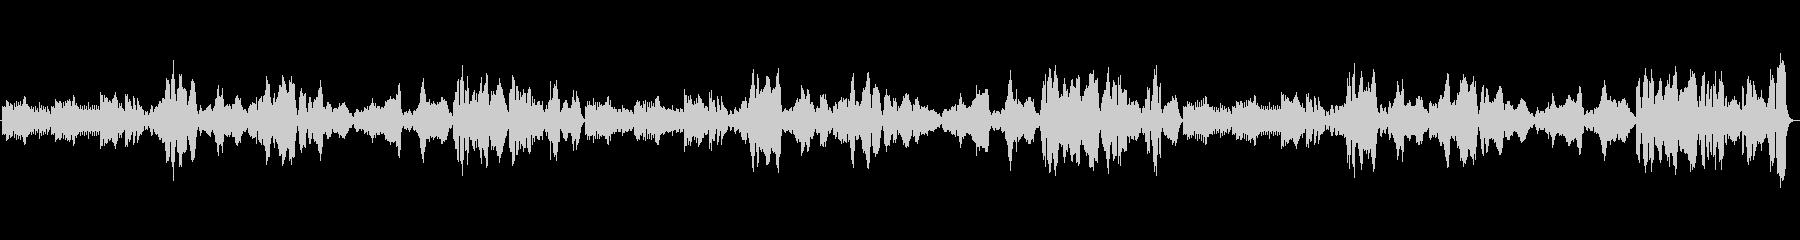 郷愁ただようナポリ民謡『ナポリの歌』の未再生の波形